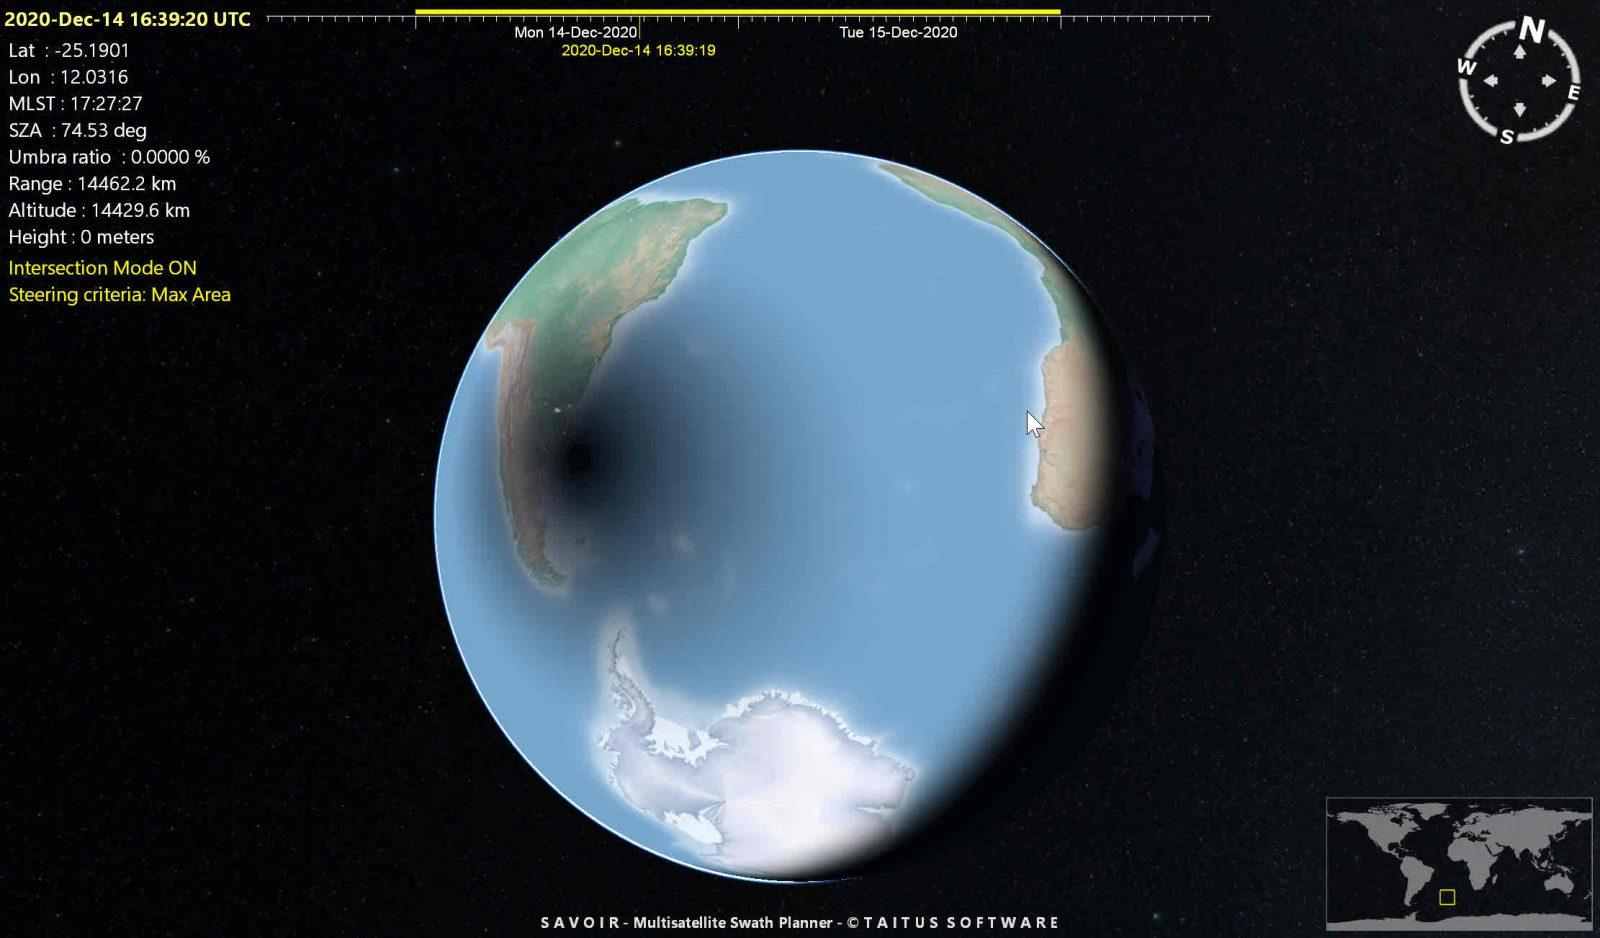 EclipseShade